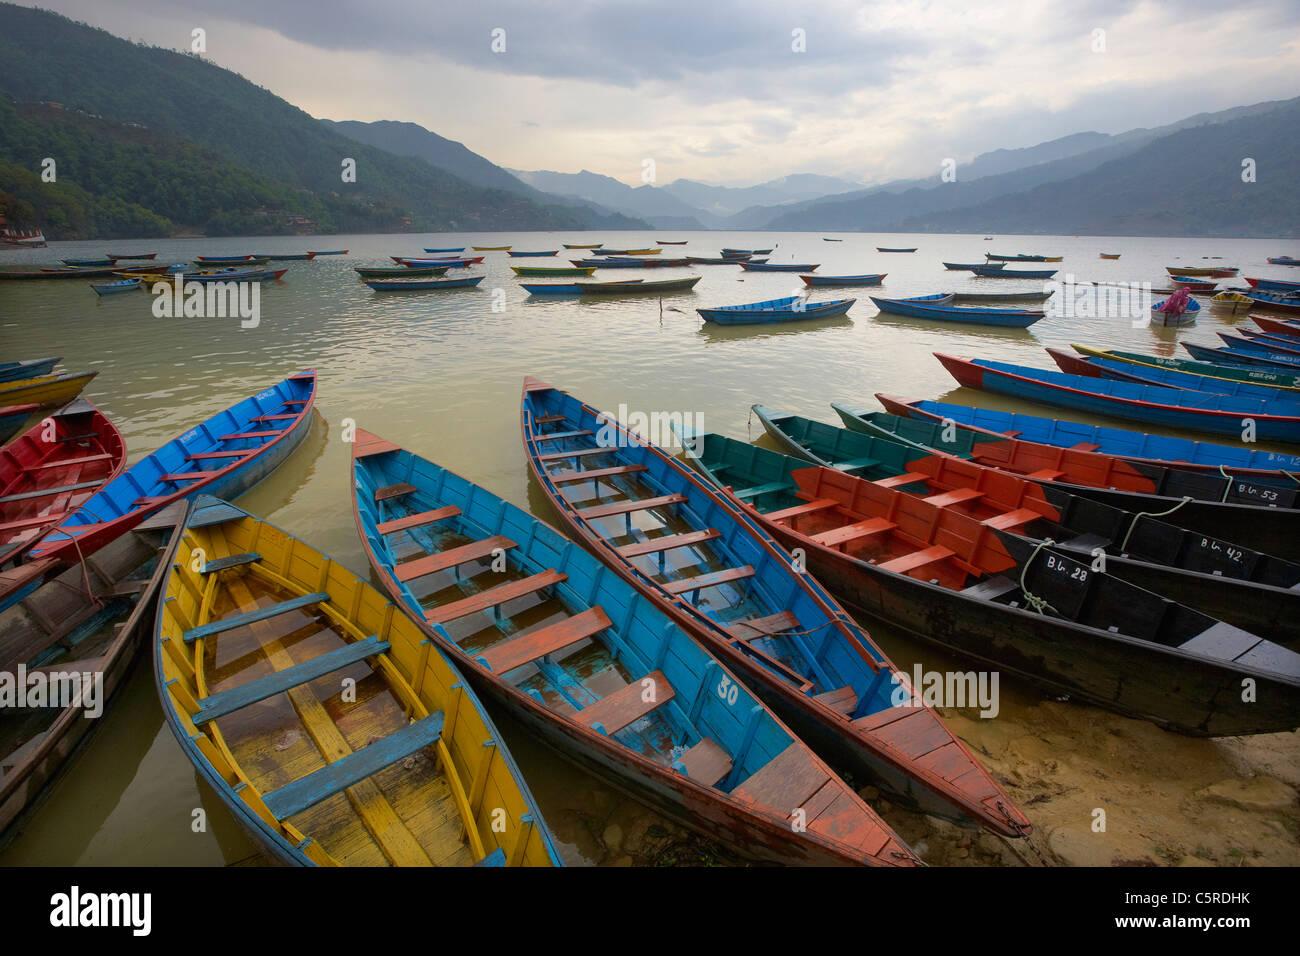 Wooden boats on lake Phewa (Fewa) Tal, Pokhara, Nepal, Asia - Stock Image